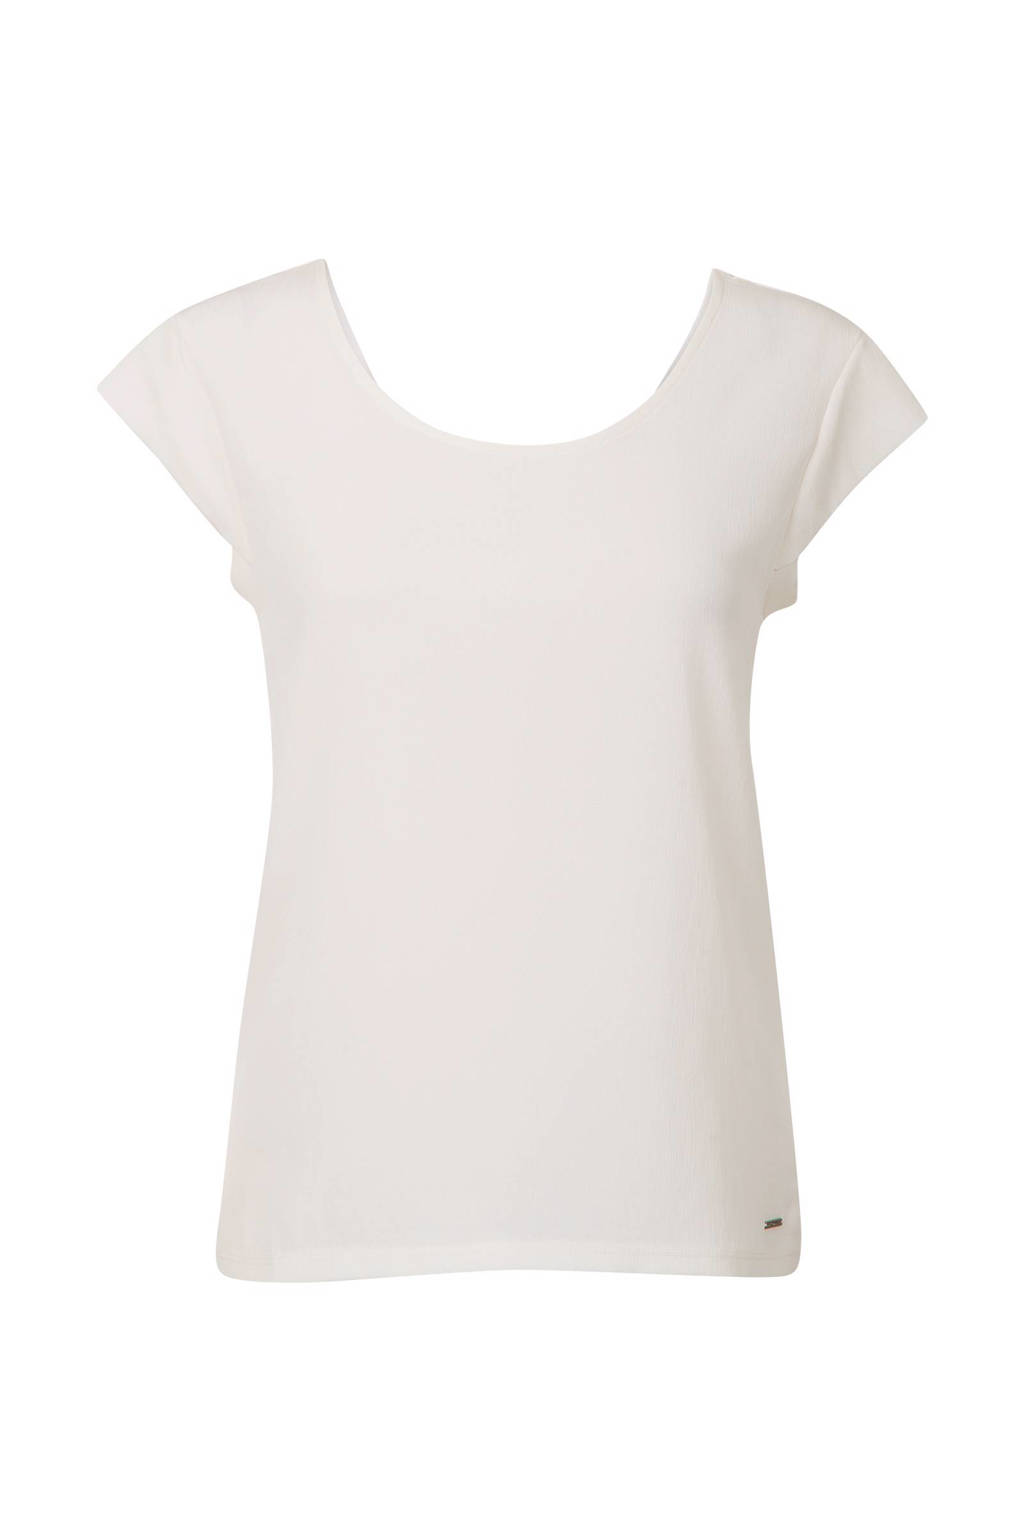 Promiss T-shirt met uitsnede gebroken wit, Gebroken wit